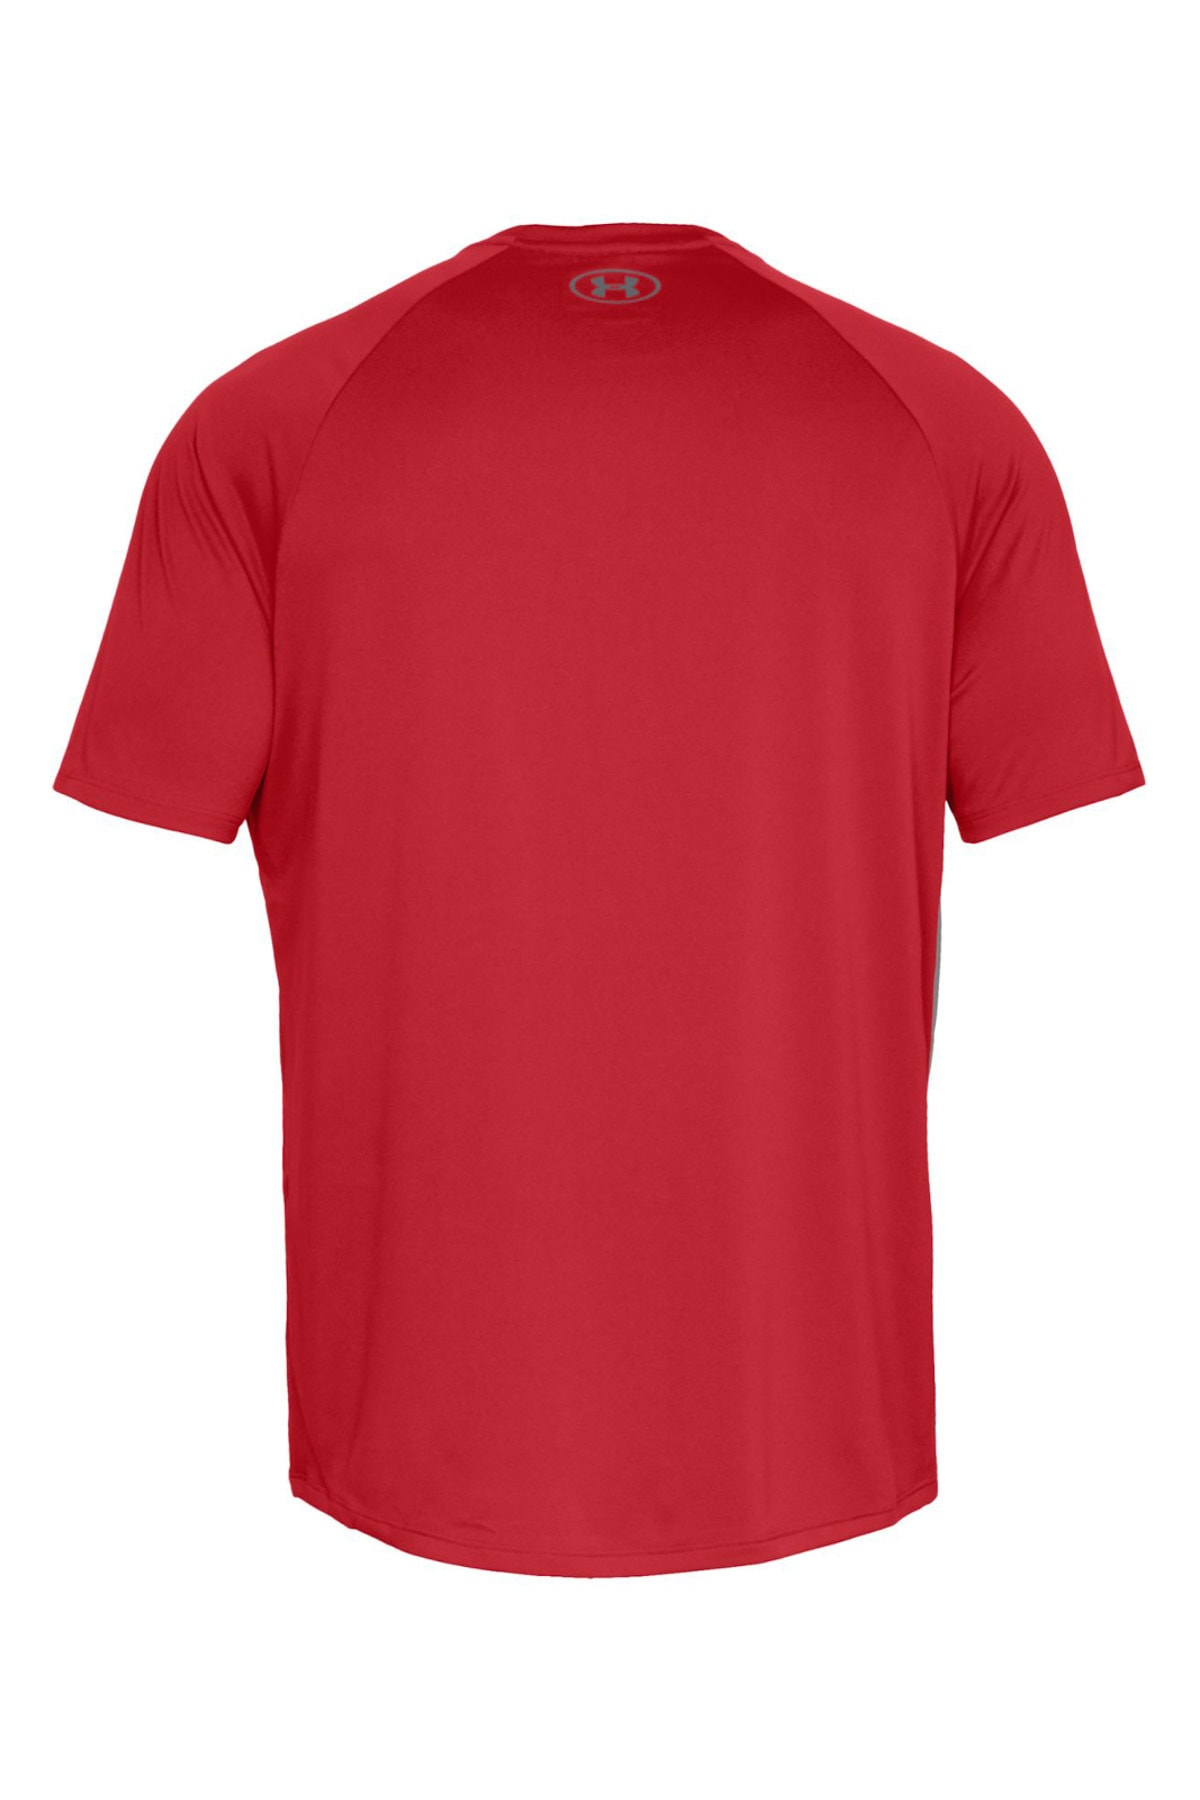 Under Armour Erkek Spor T-Shirt - Ua Tech 2.0 Ss Tee - 1326413-600 2